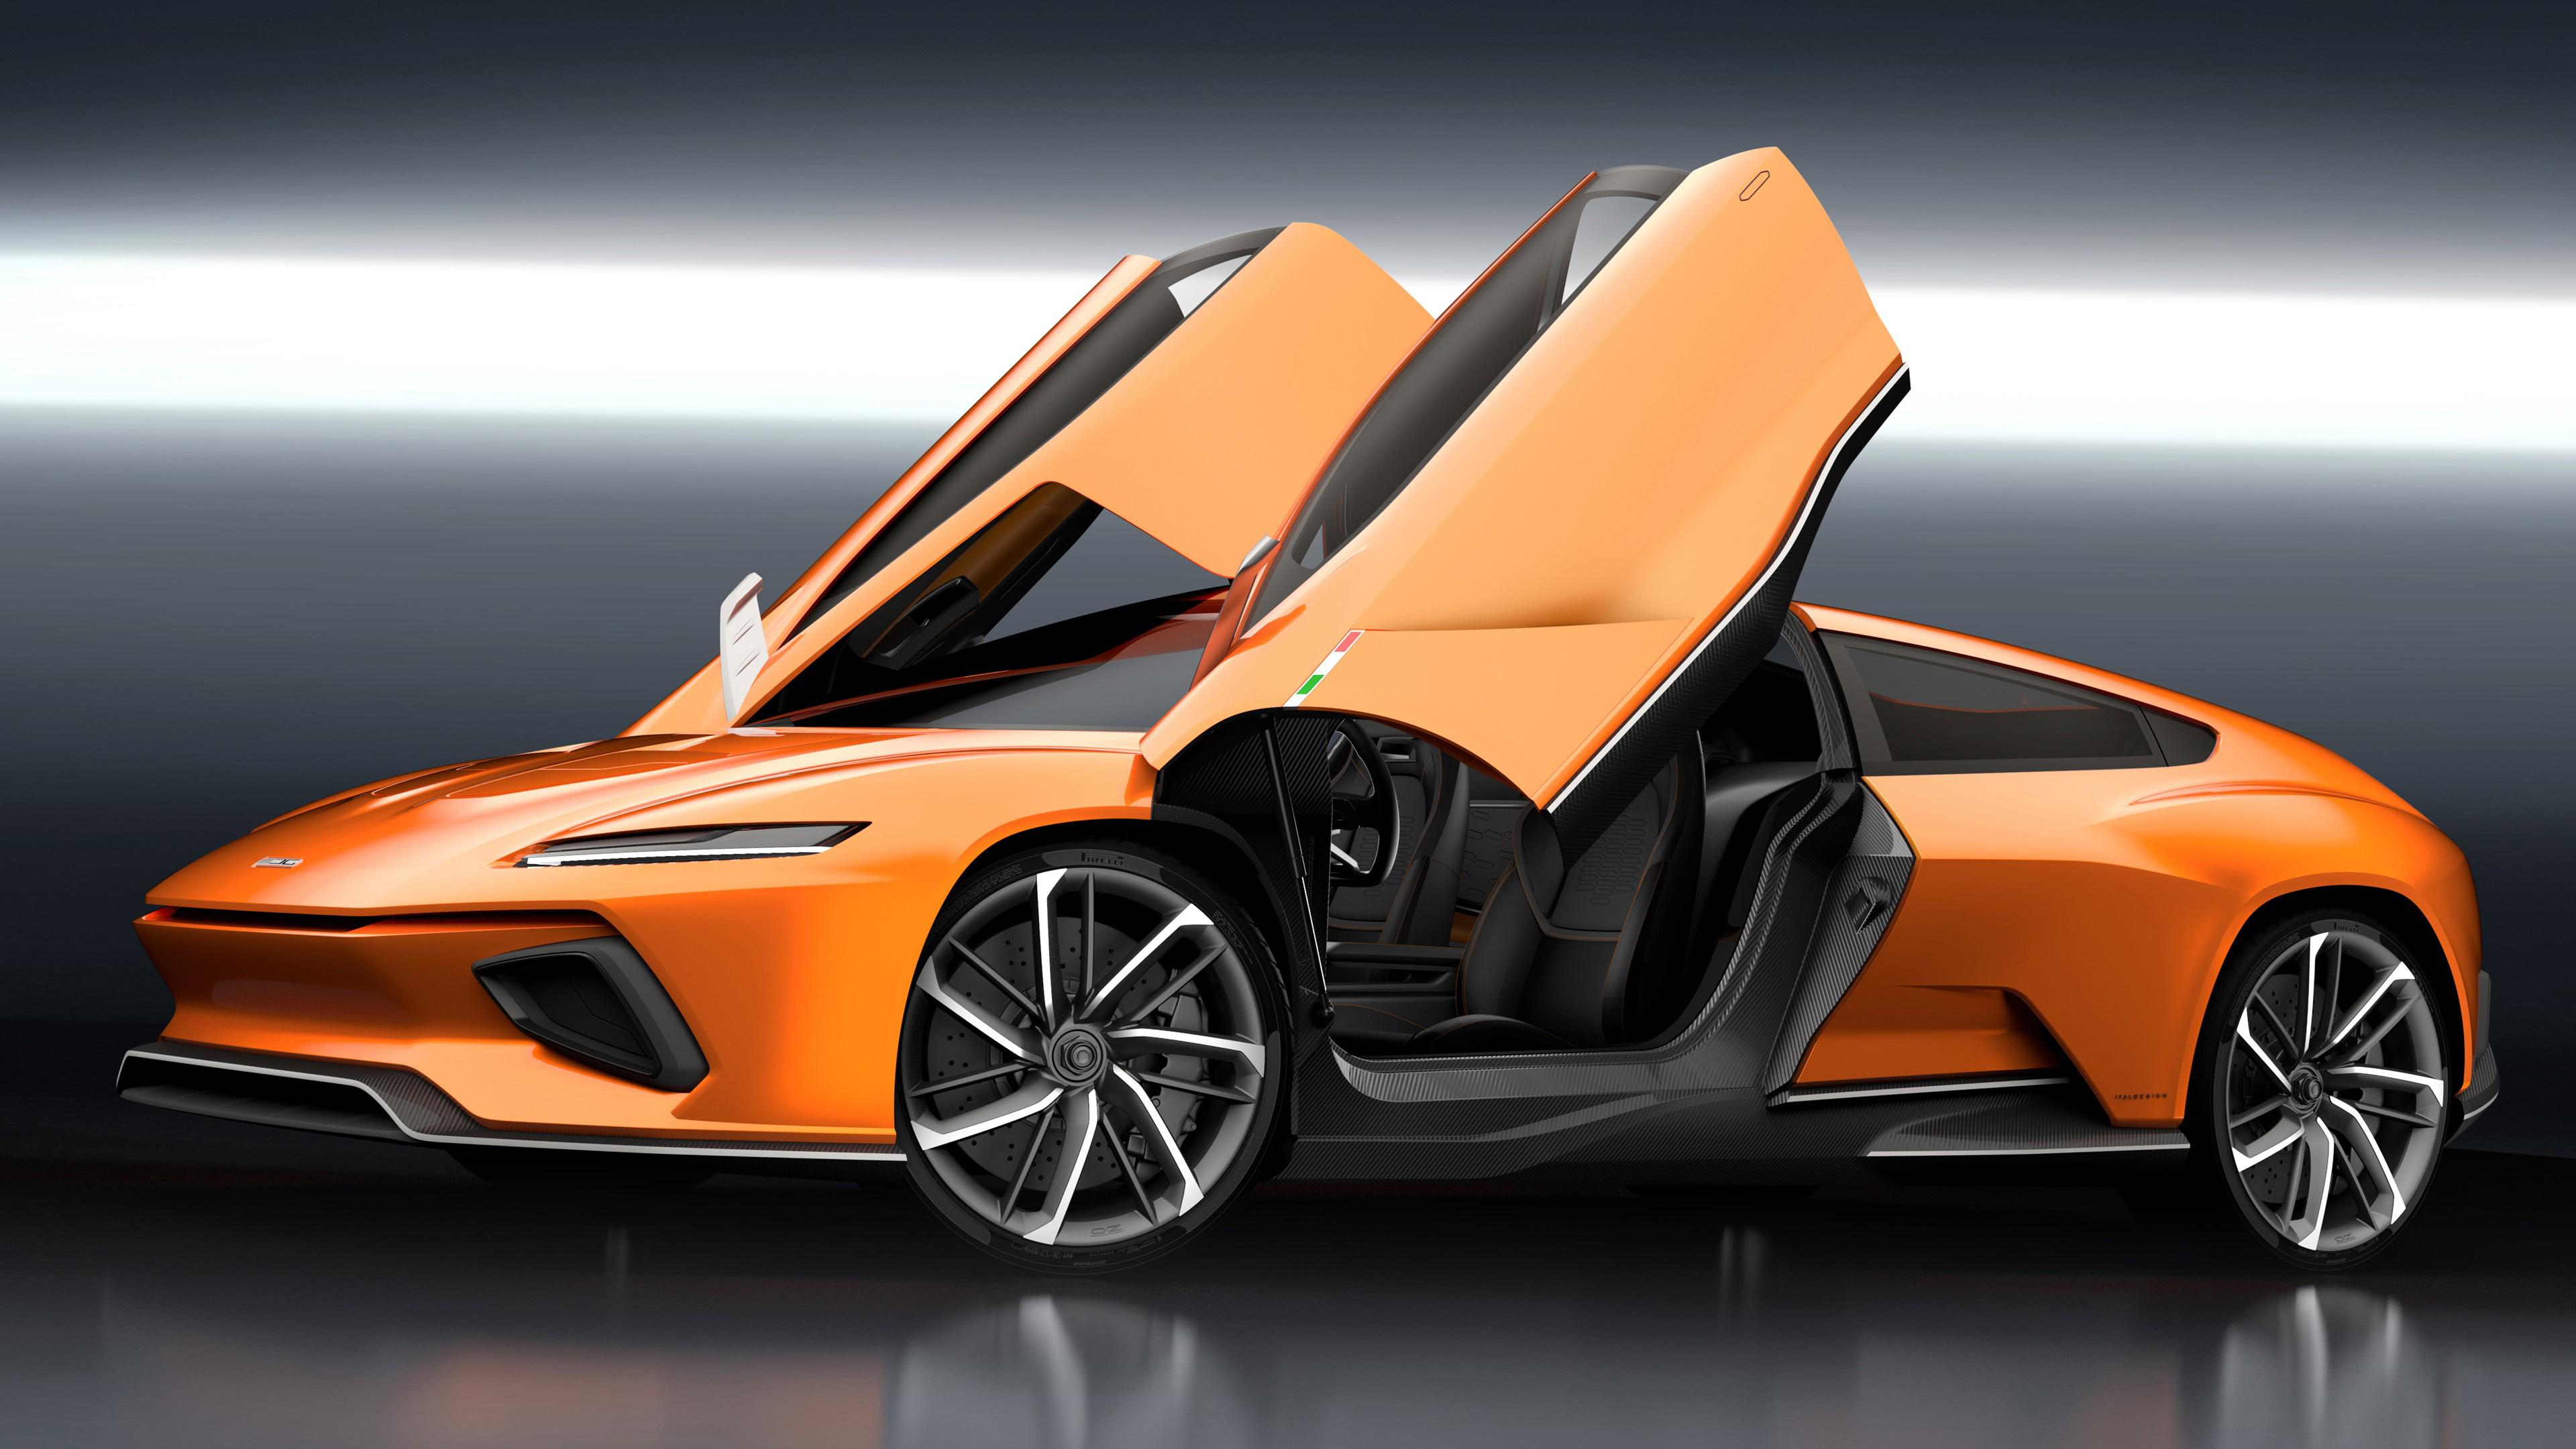 Italdesign GT Zero Electric Geneva Auto Show 2016 Wallpaper HD 3840x2160